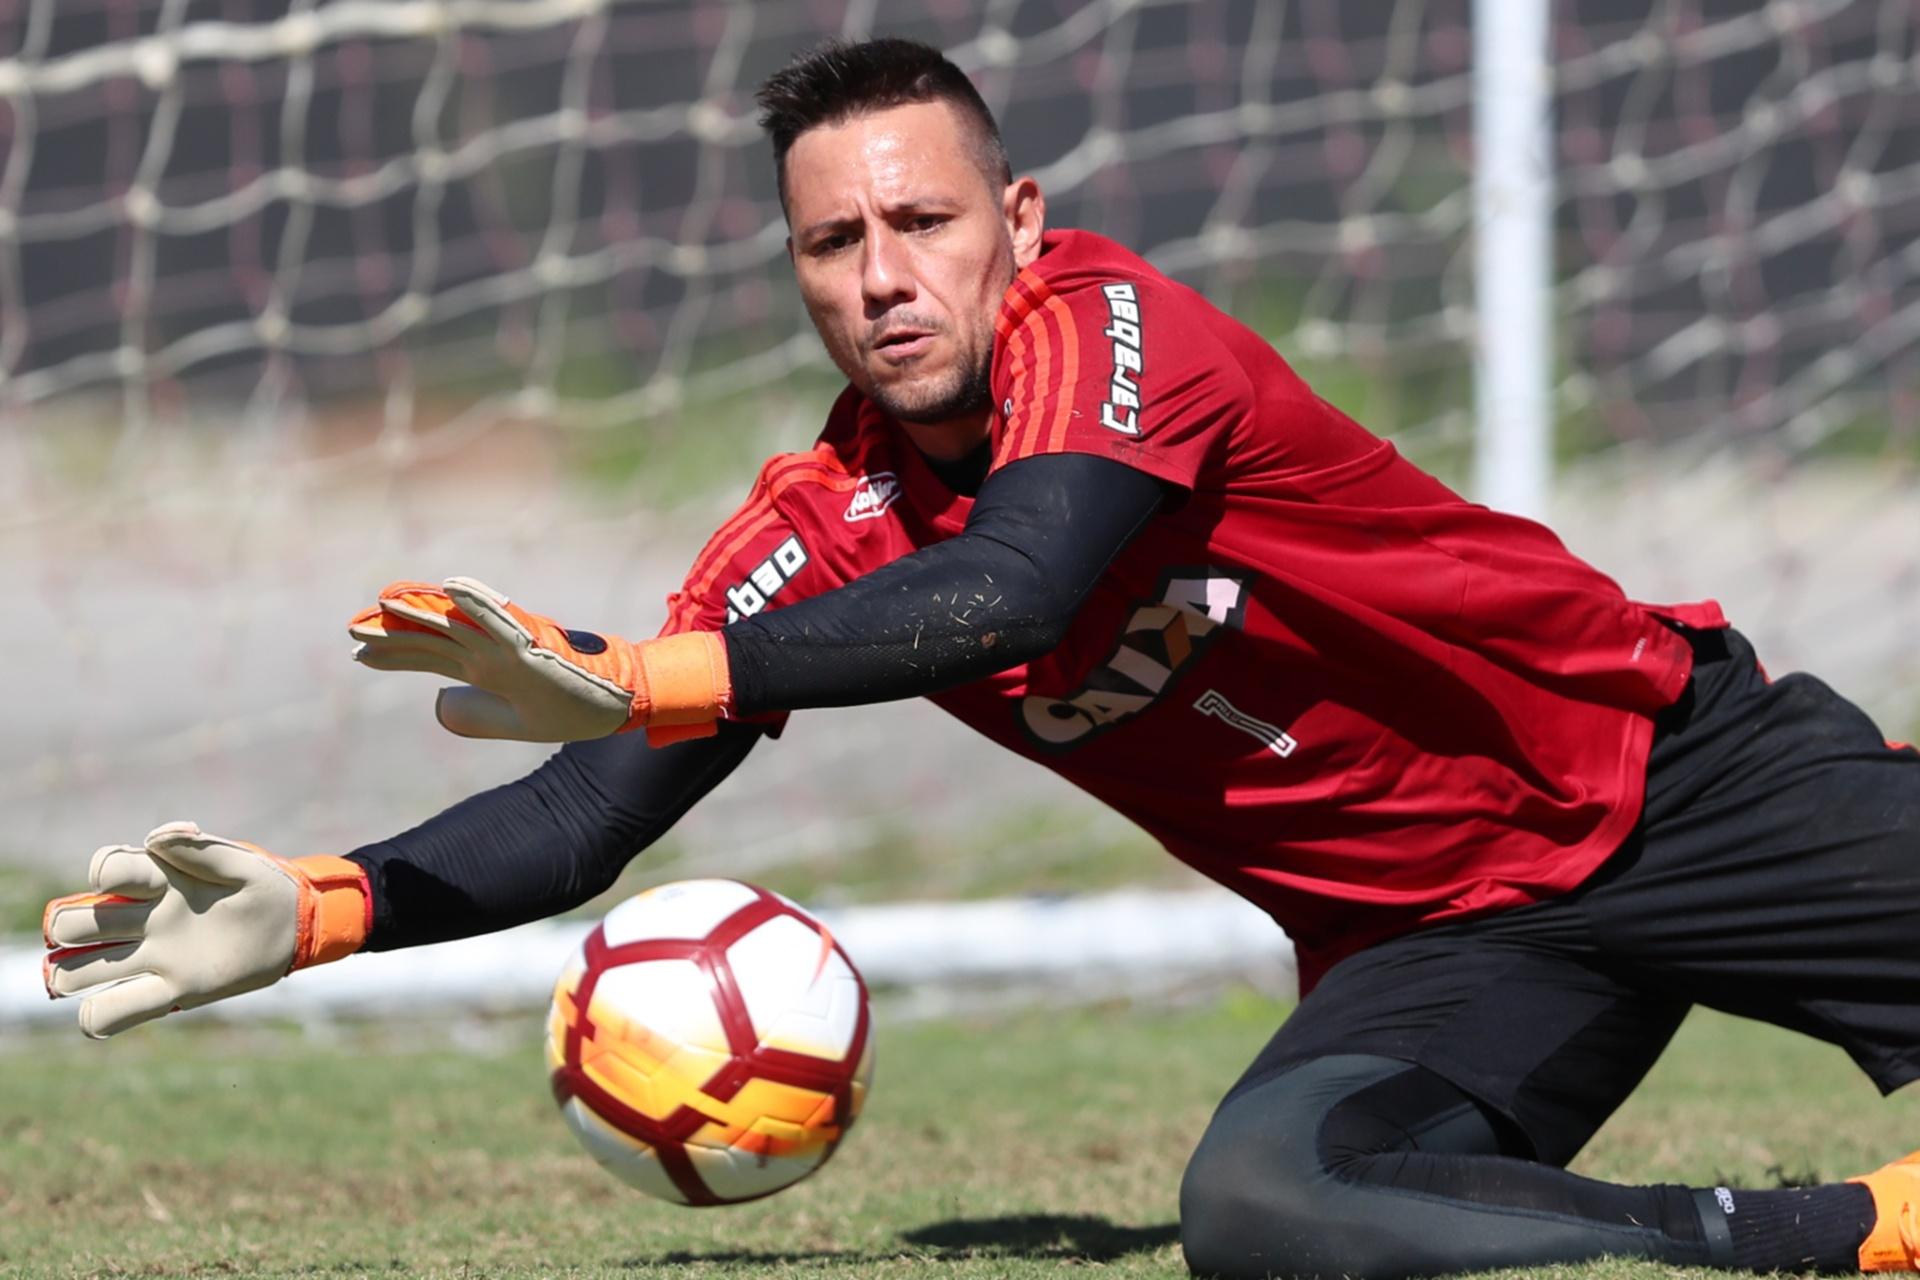 Diego Alves e Dorival batem boca e são separados por jogadores no Flamengo  - 01 11 2018 - UOL Esporte 07a2ea98a5be4